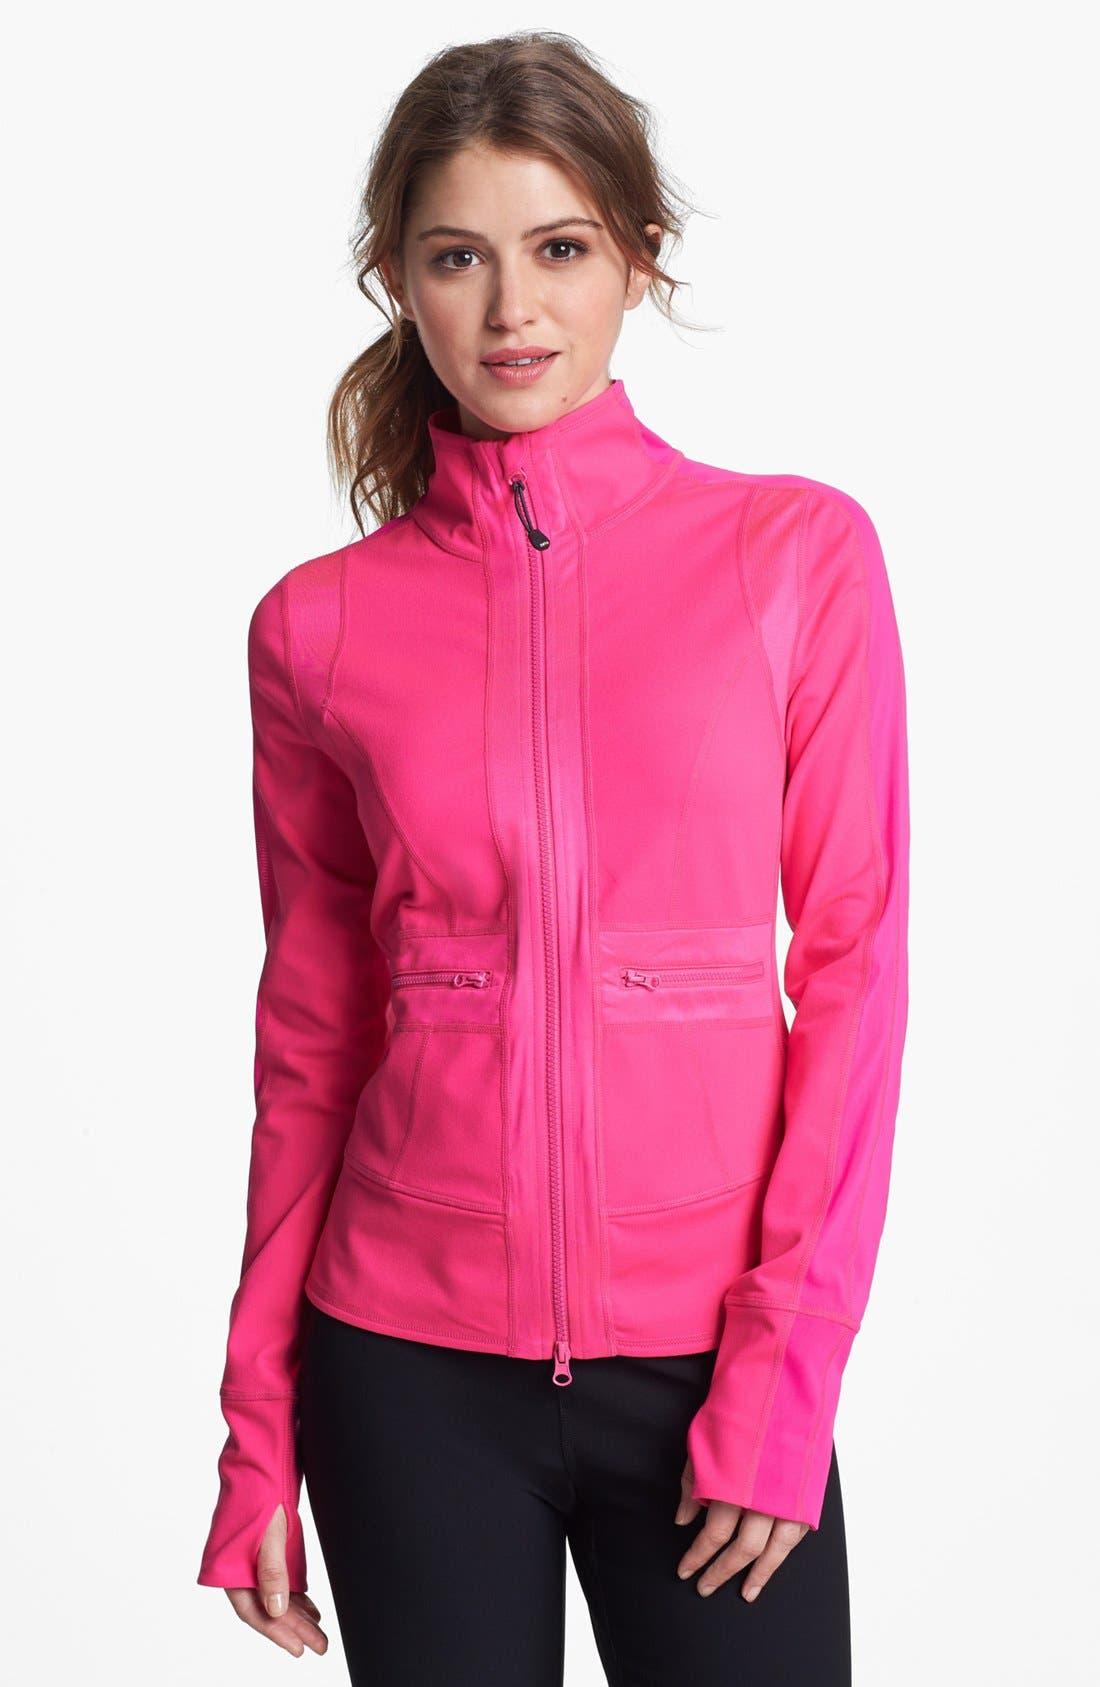 Alternate Image 1 Selected - Zella 'Multi Shine' Jacket